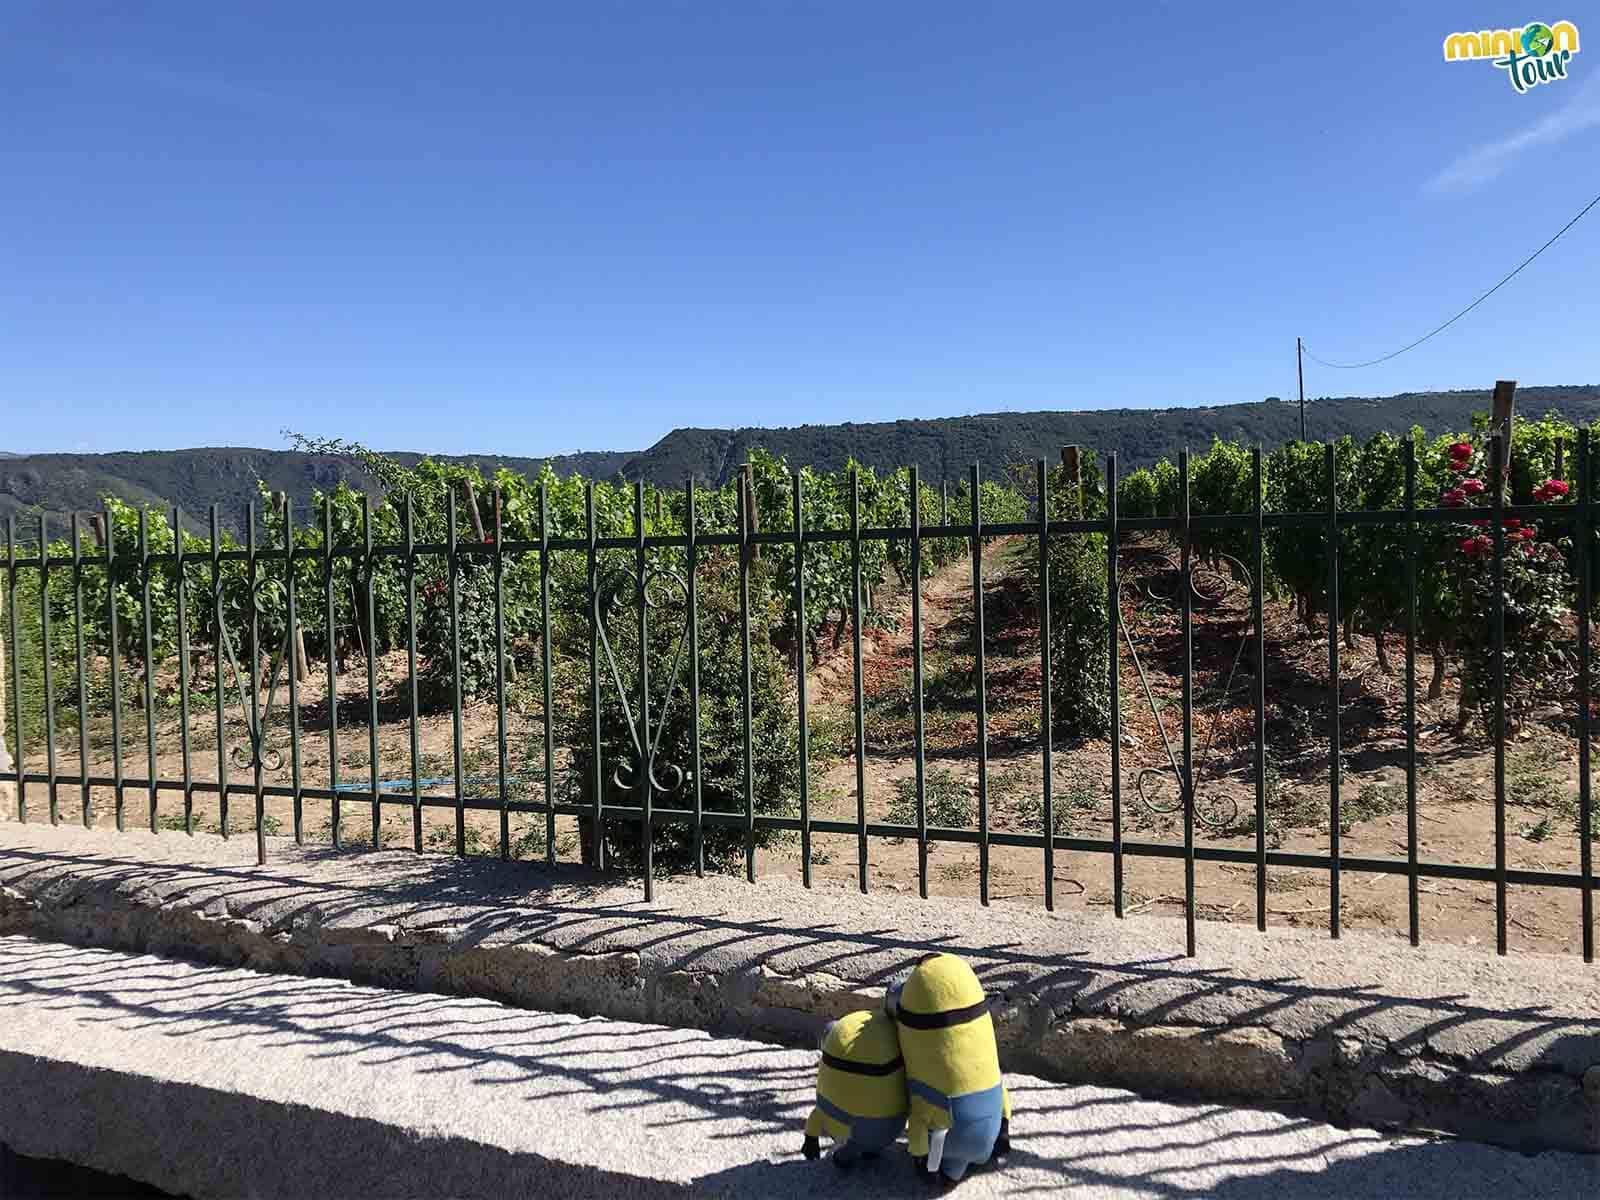 Nos encanta quedarnos mirando los viñedos